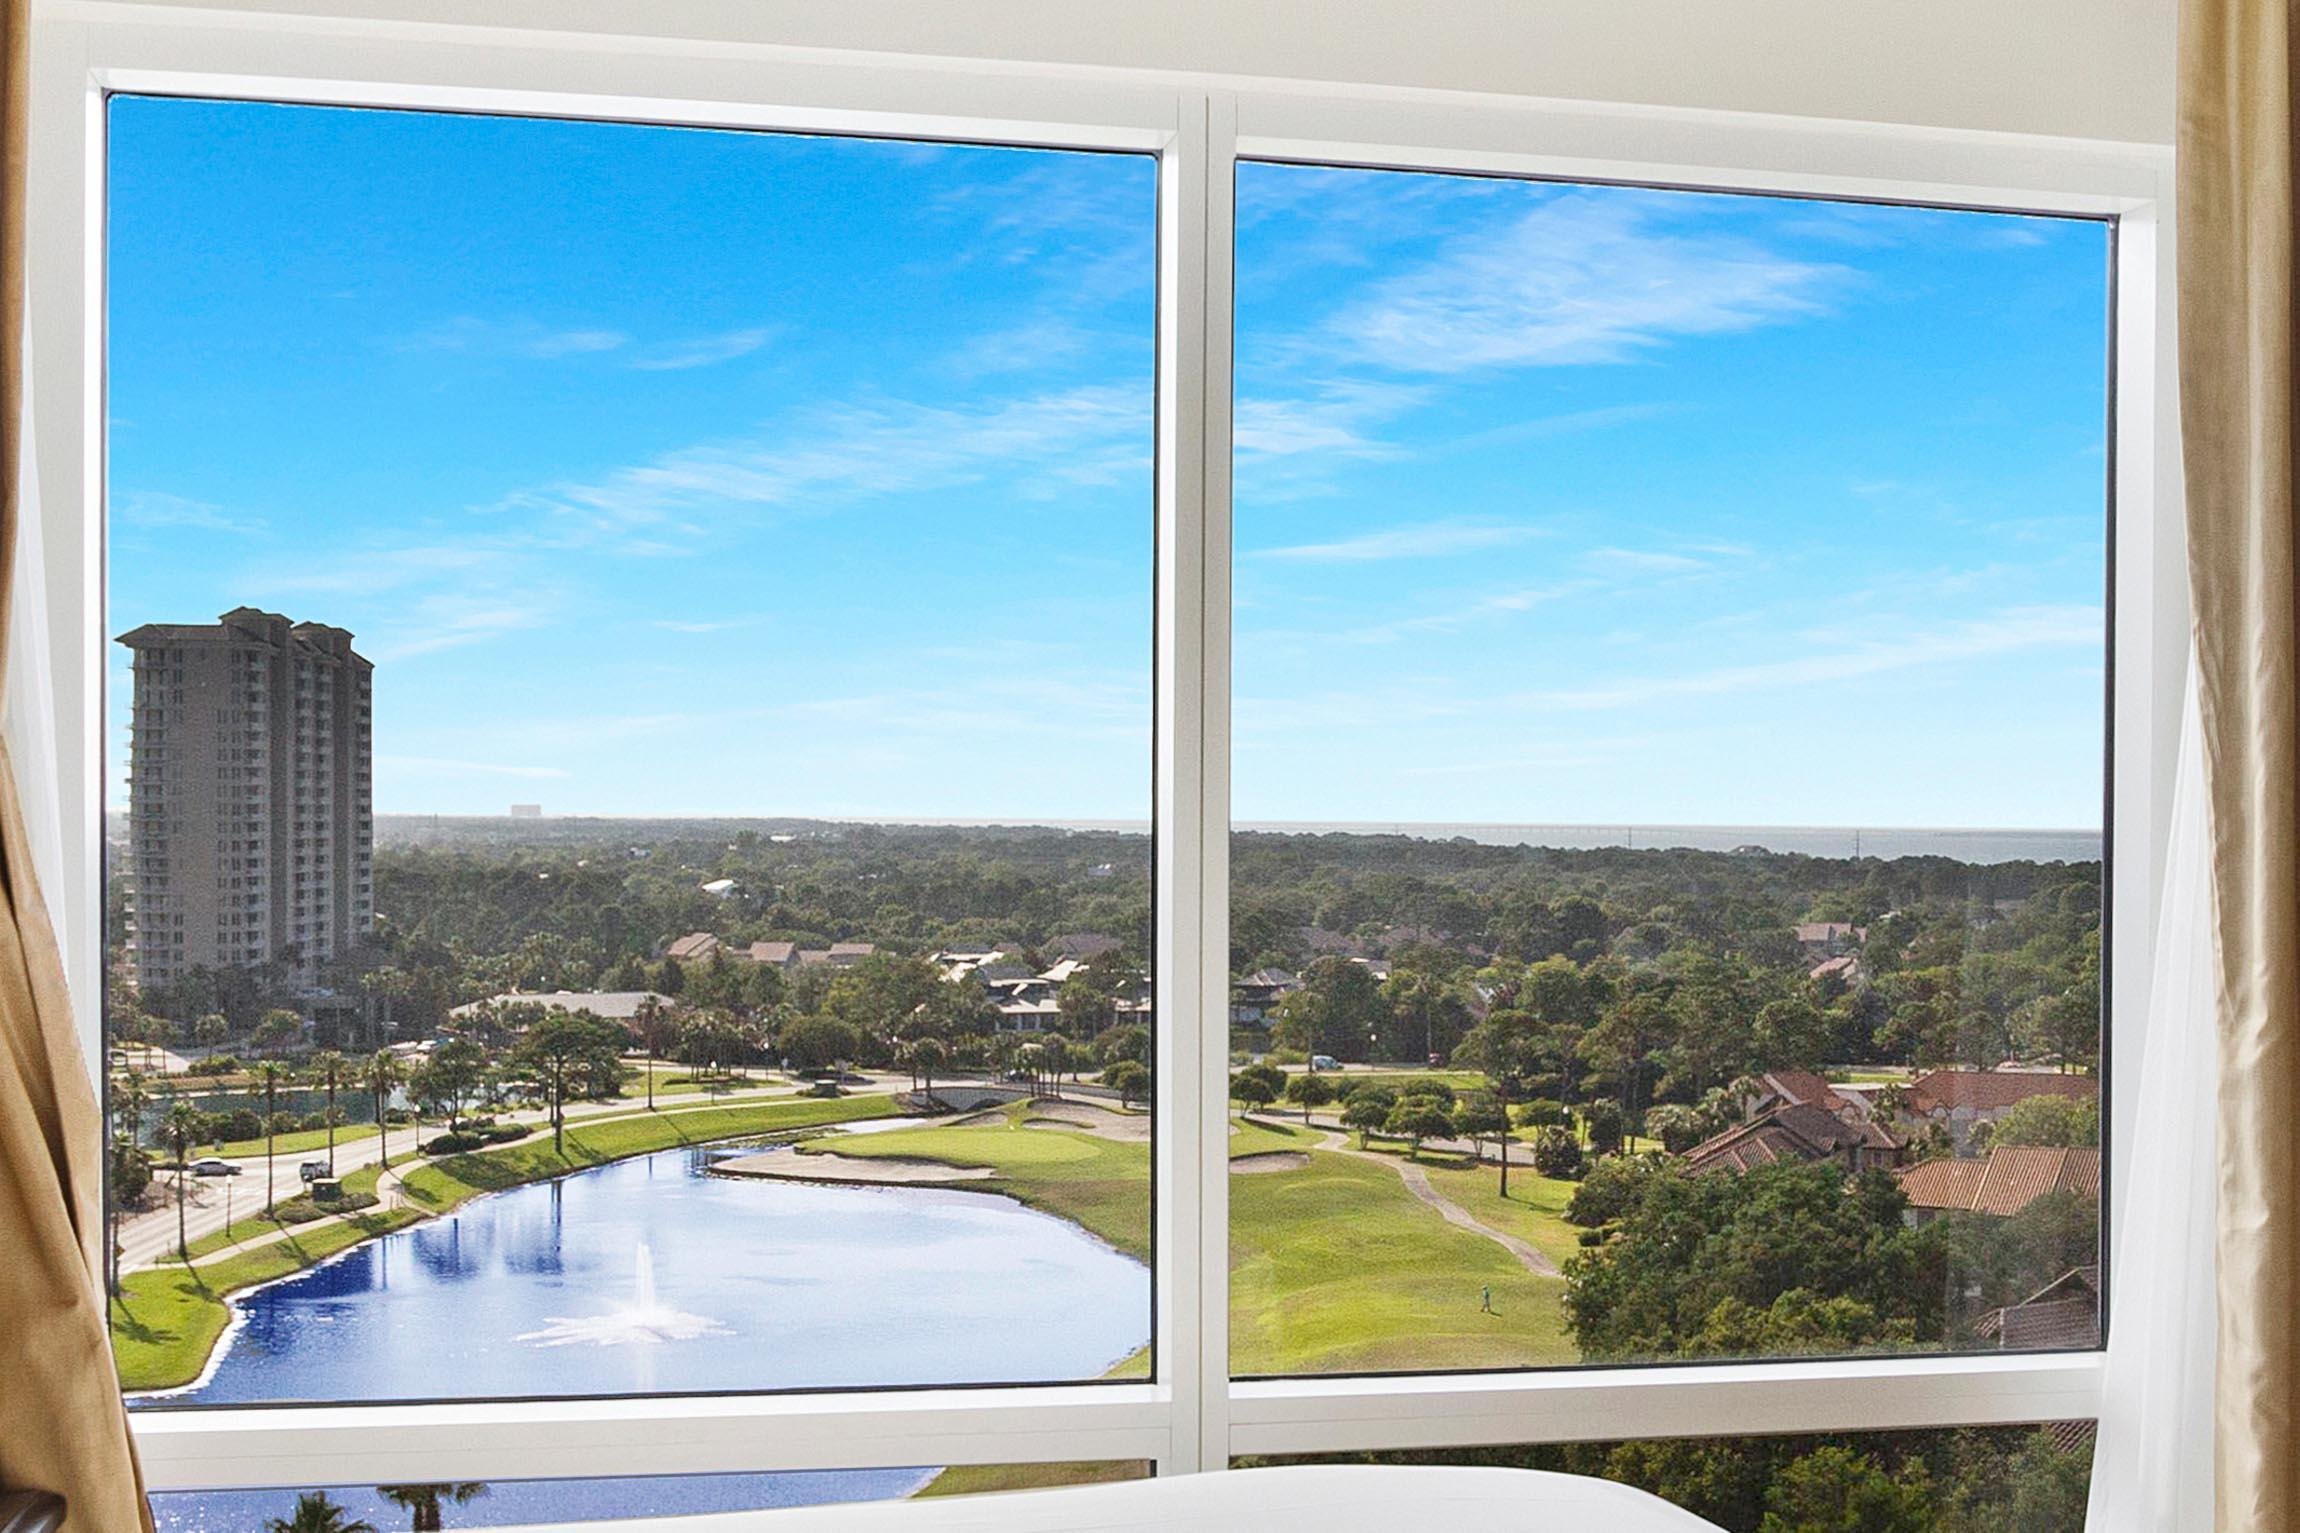 7024-bedroom window view